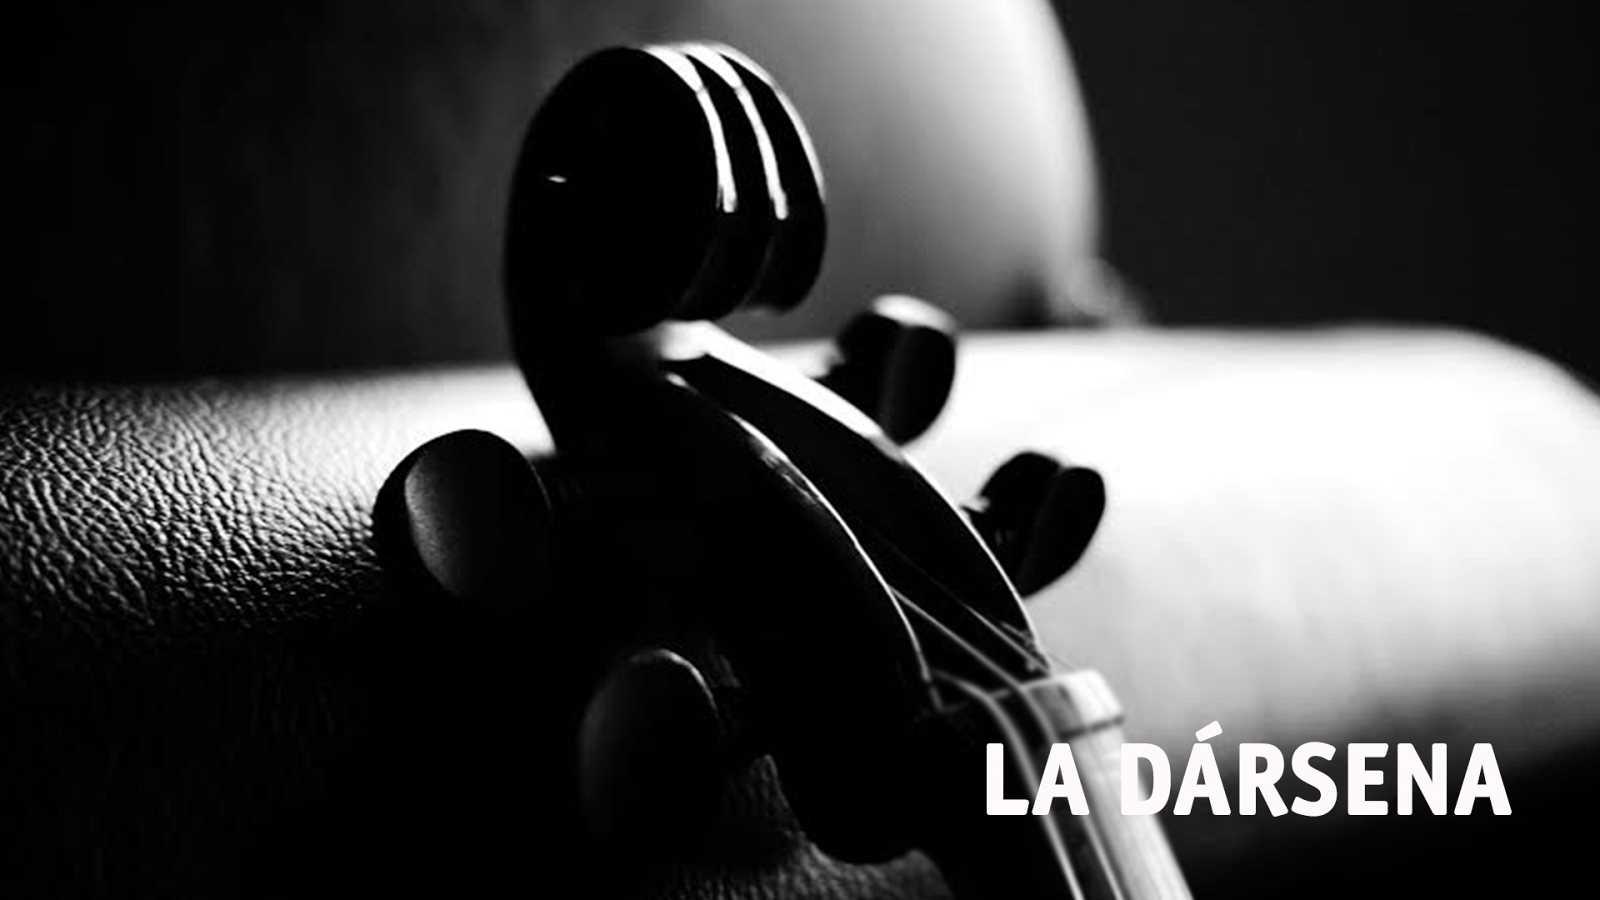 La dársena - Pedro Pablo Cámara Toldos - 27/11/16 - escuchar ahora